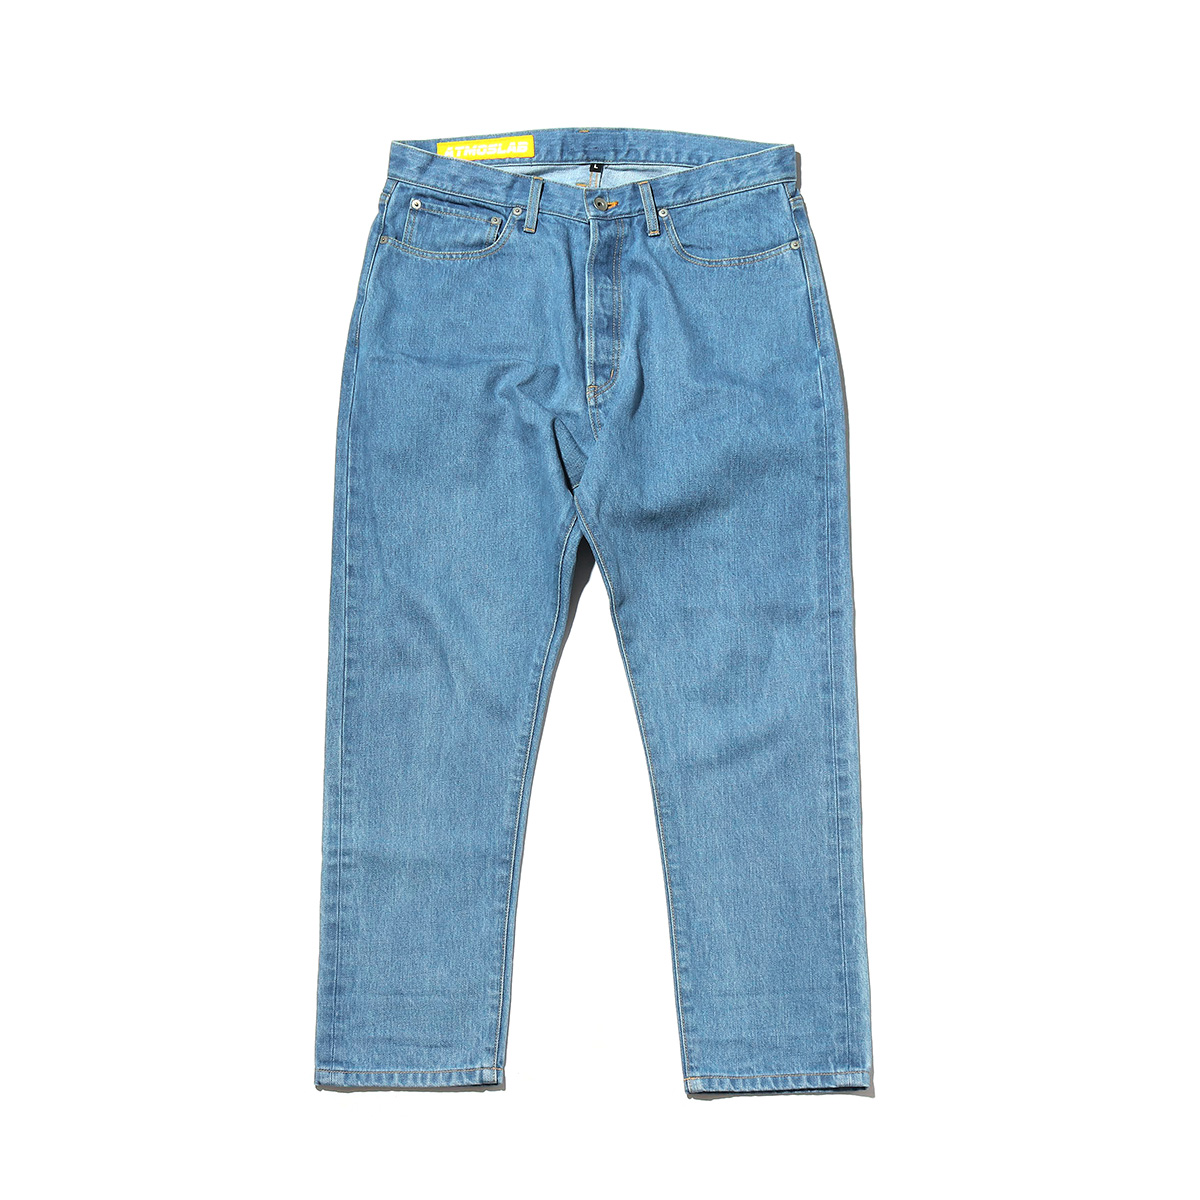 ATMOS LAB LASER LOGO DENIM PANTS (アトモスラボ レーザー ロゴ デニム パンツ) INDIGO【メンズ ジーンズ】18FW-I